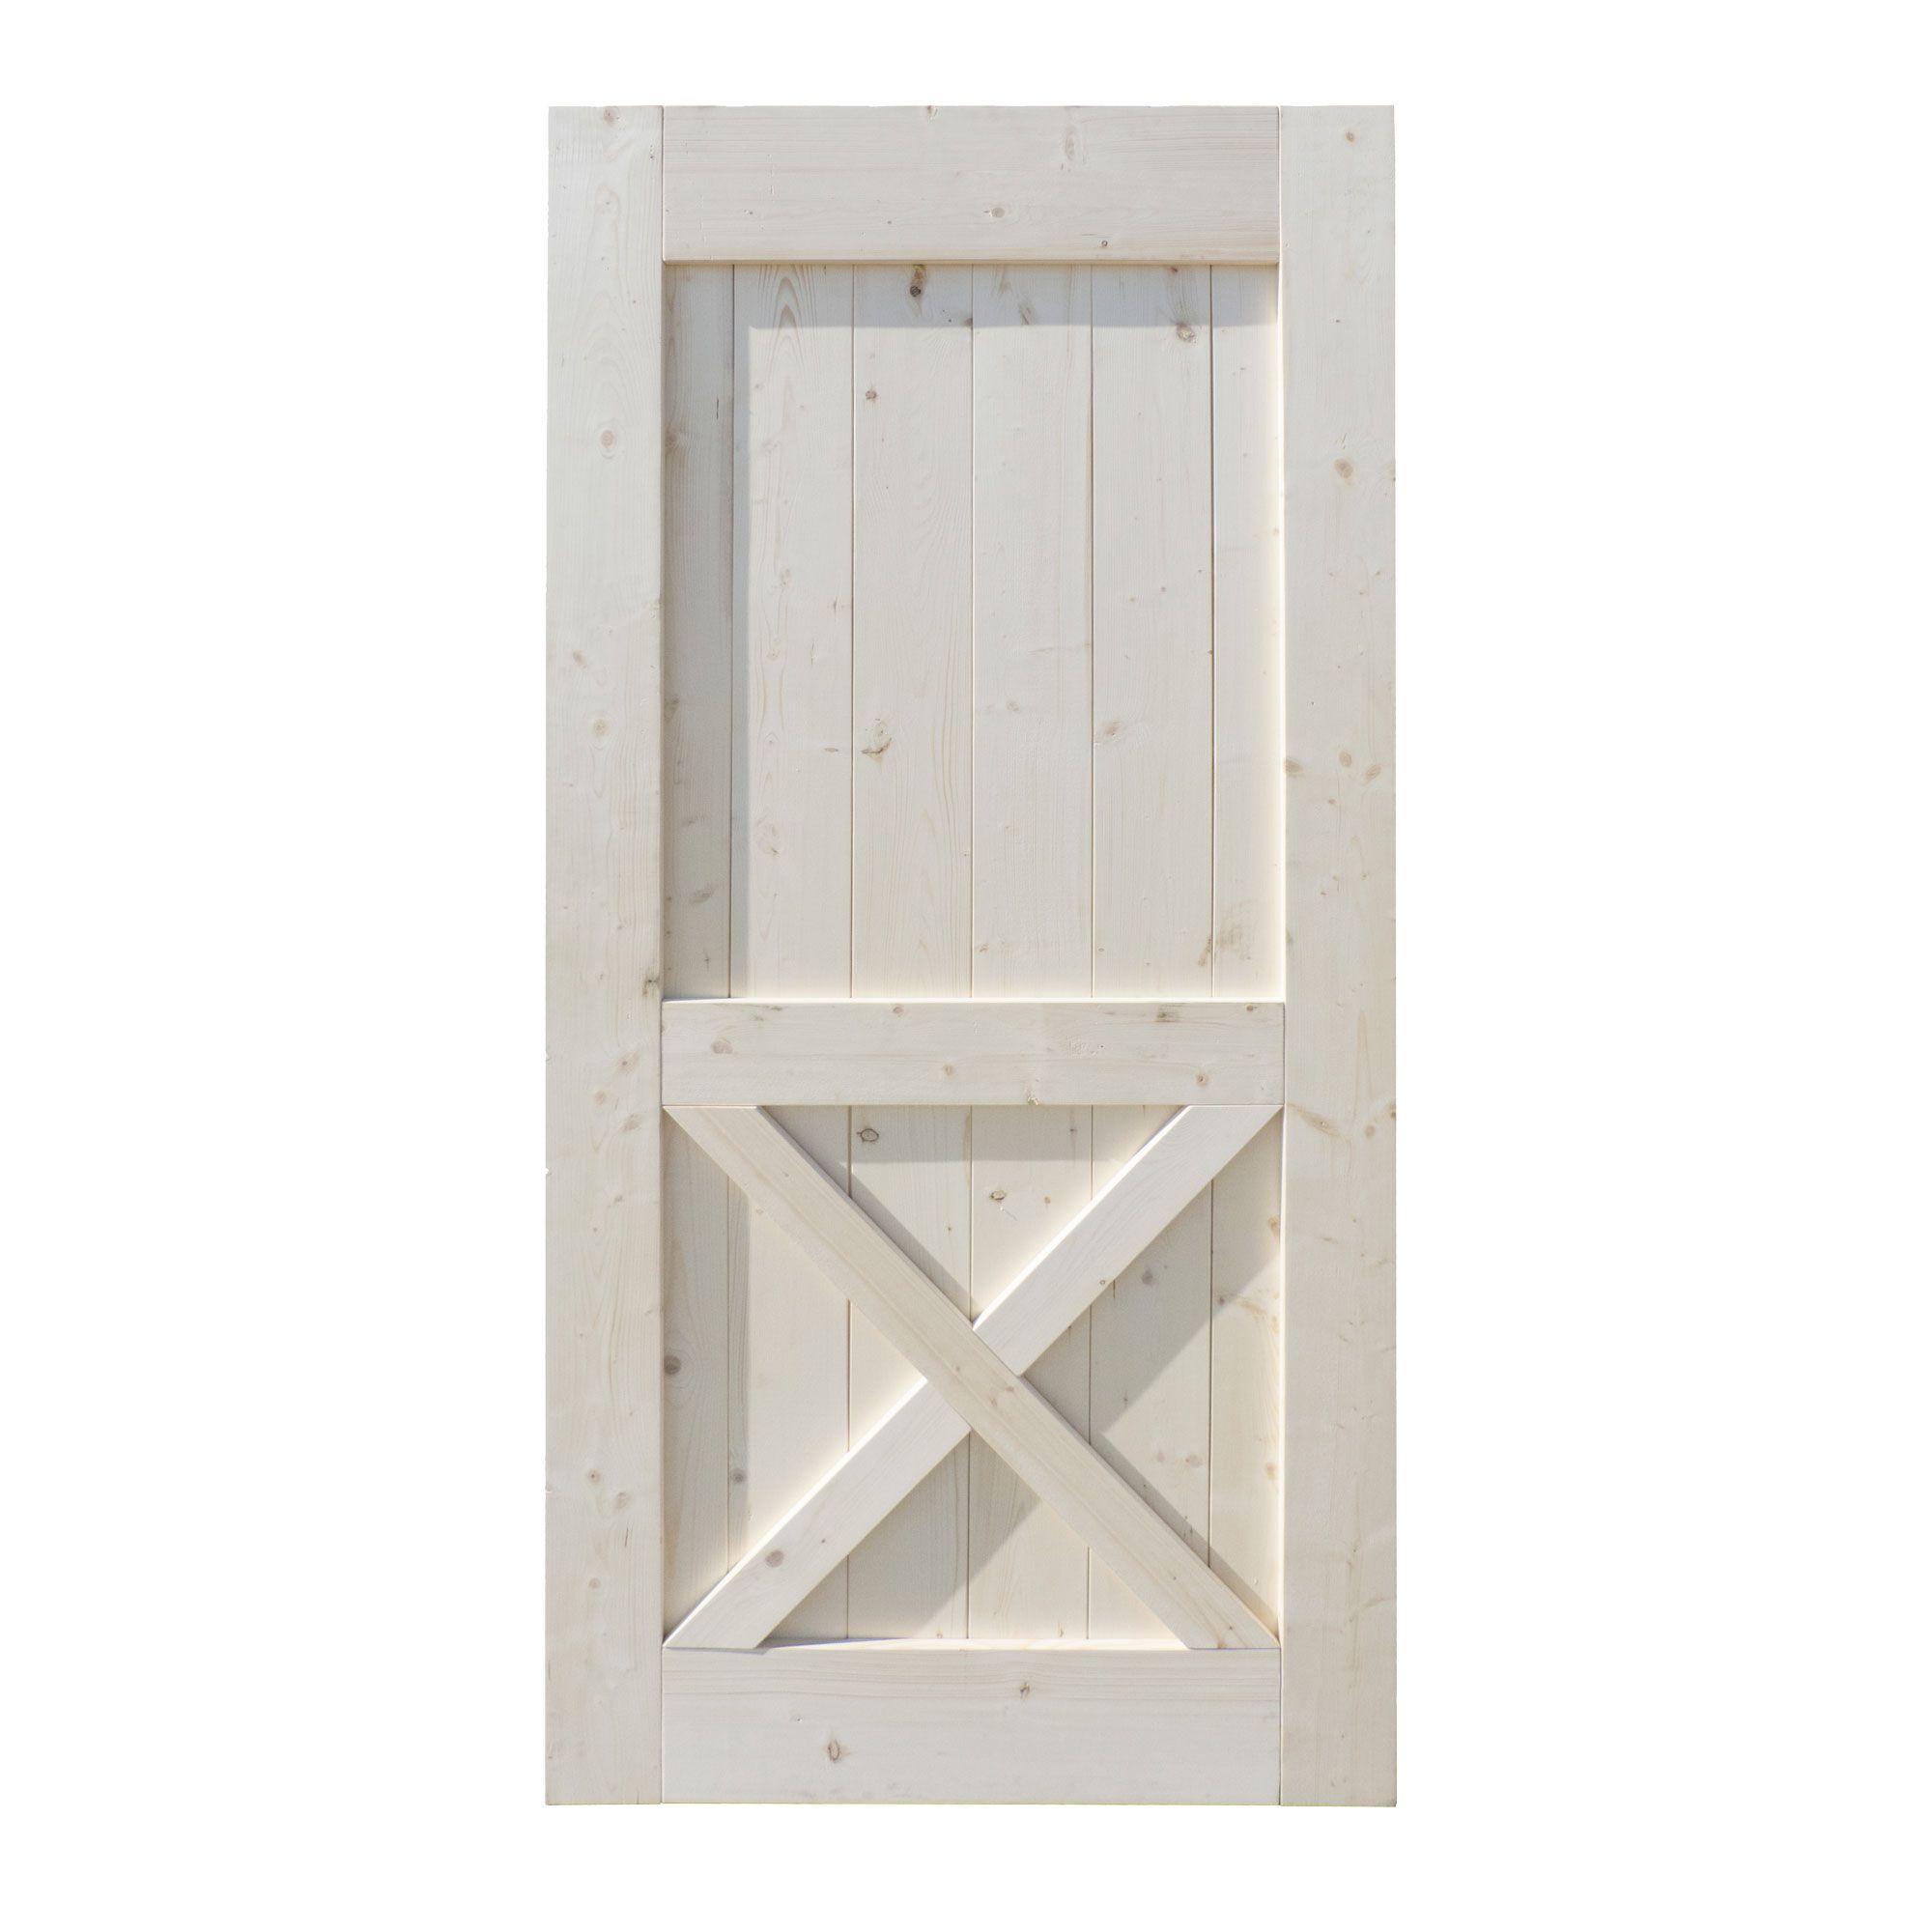 33 X 1 X 84 Chicago Barn Door Interior Doors Kent Building Supplies